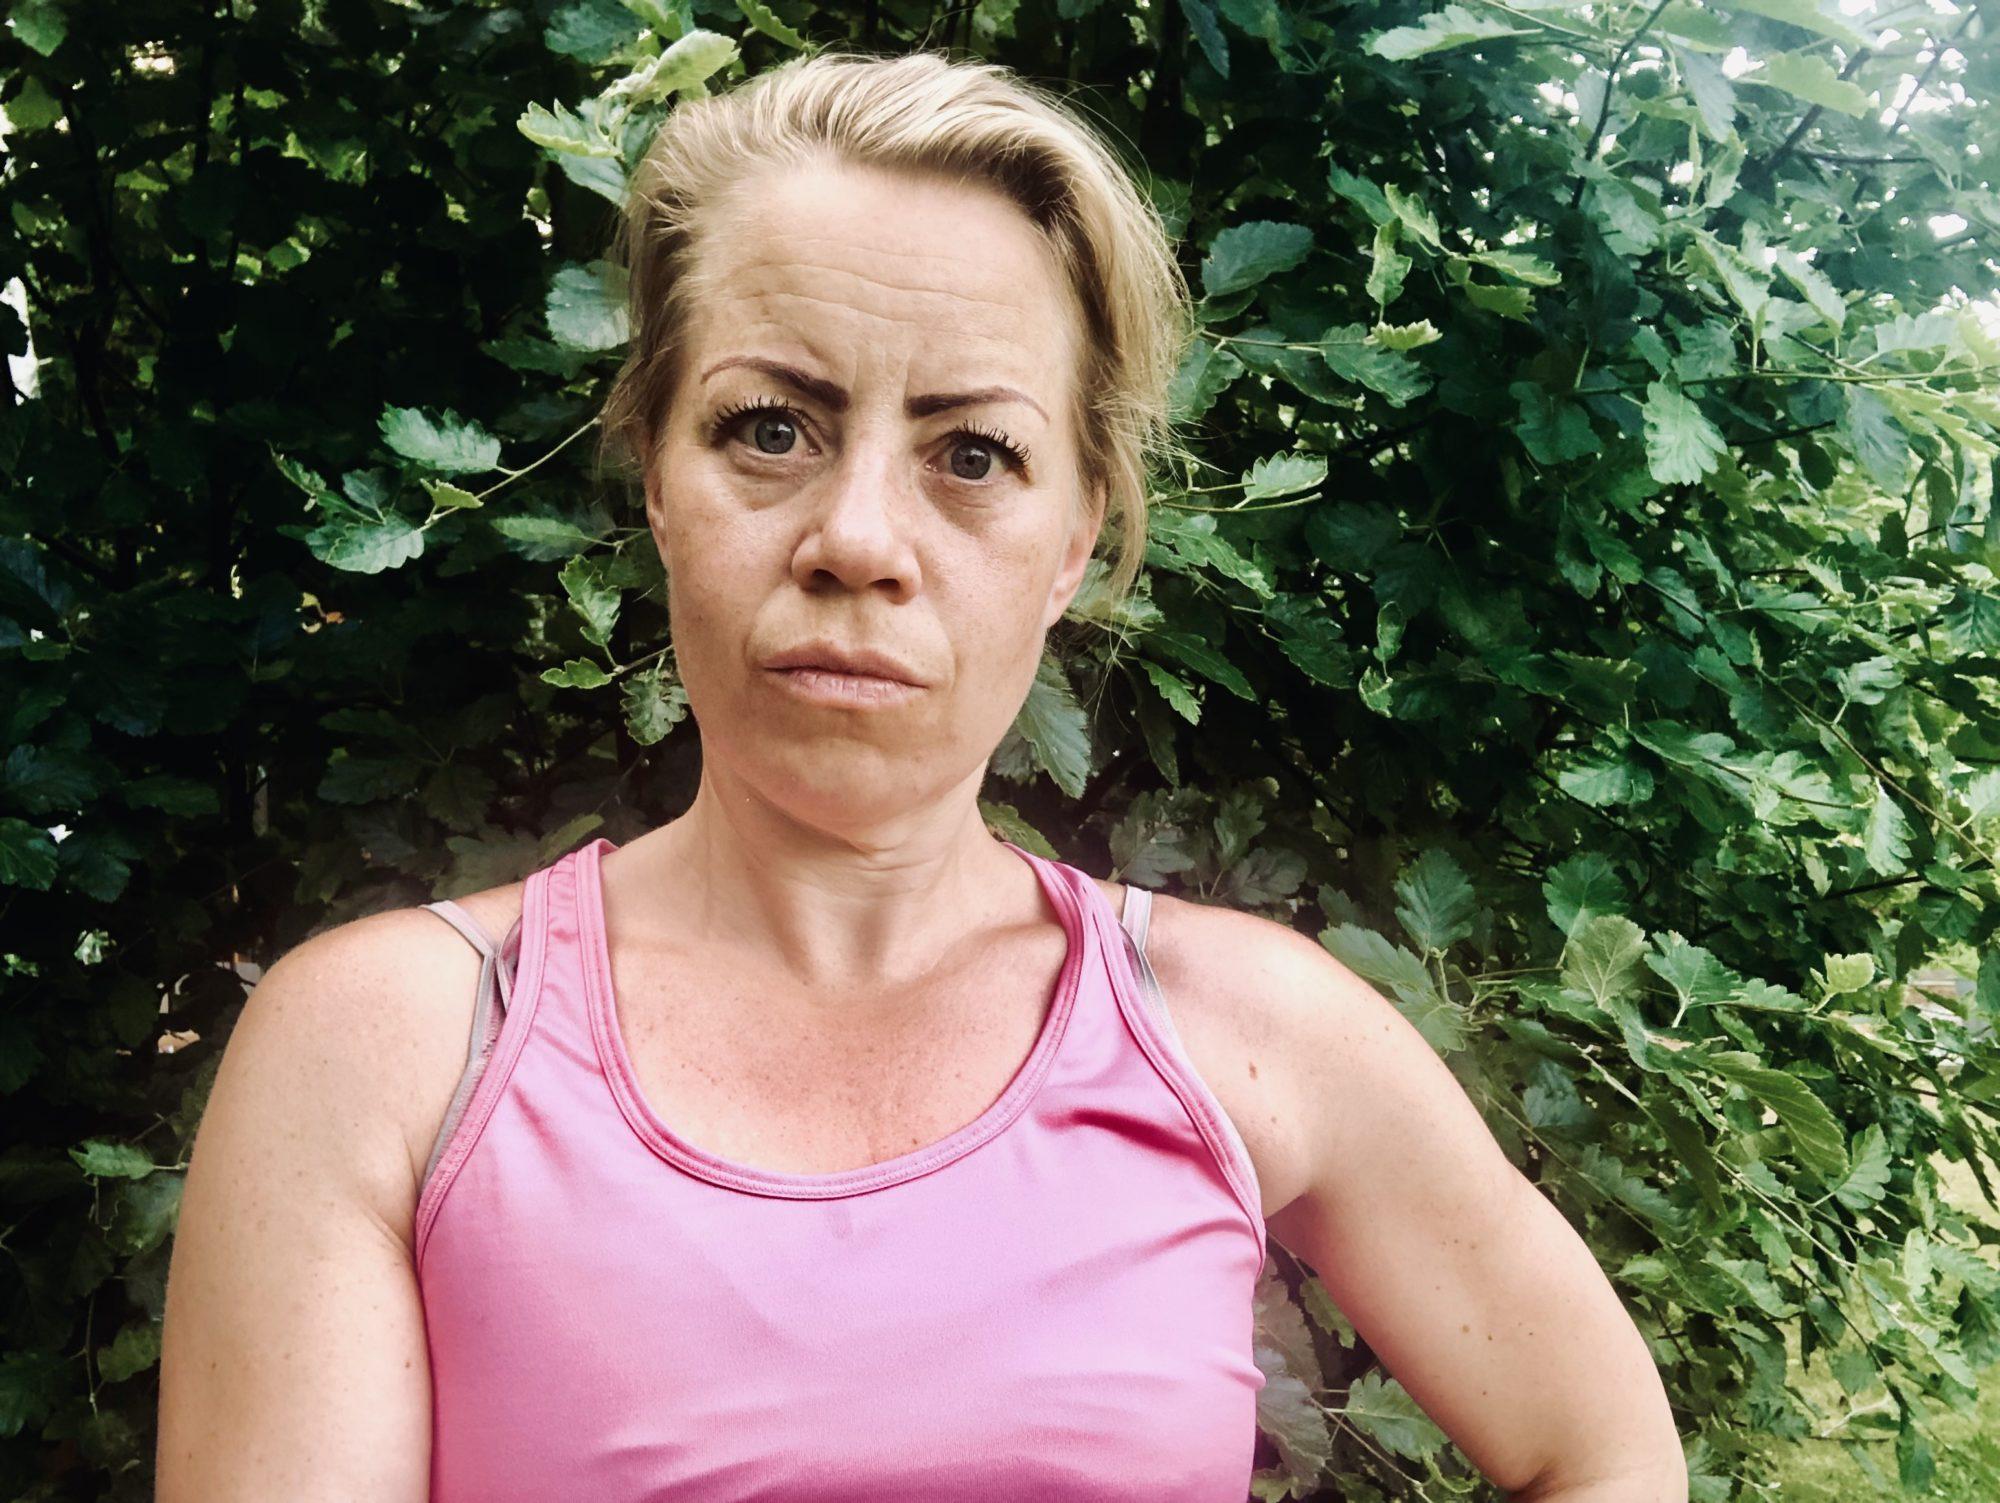 Karin Axelsson - Sociala medier och psykisk ohälsa